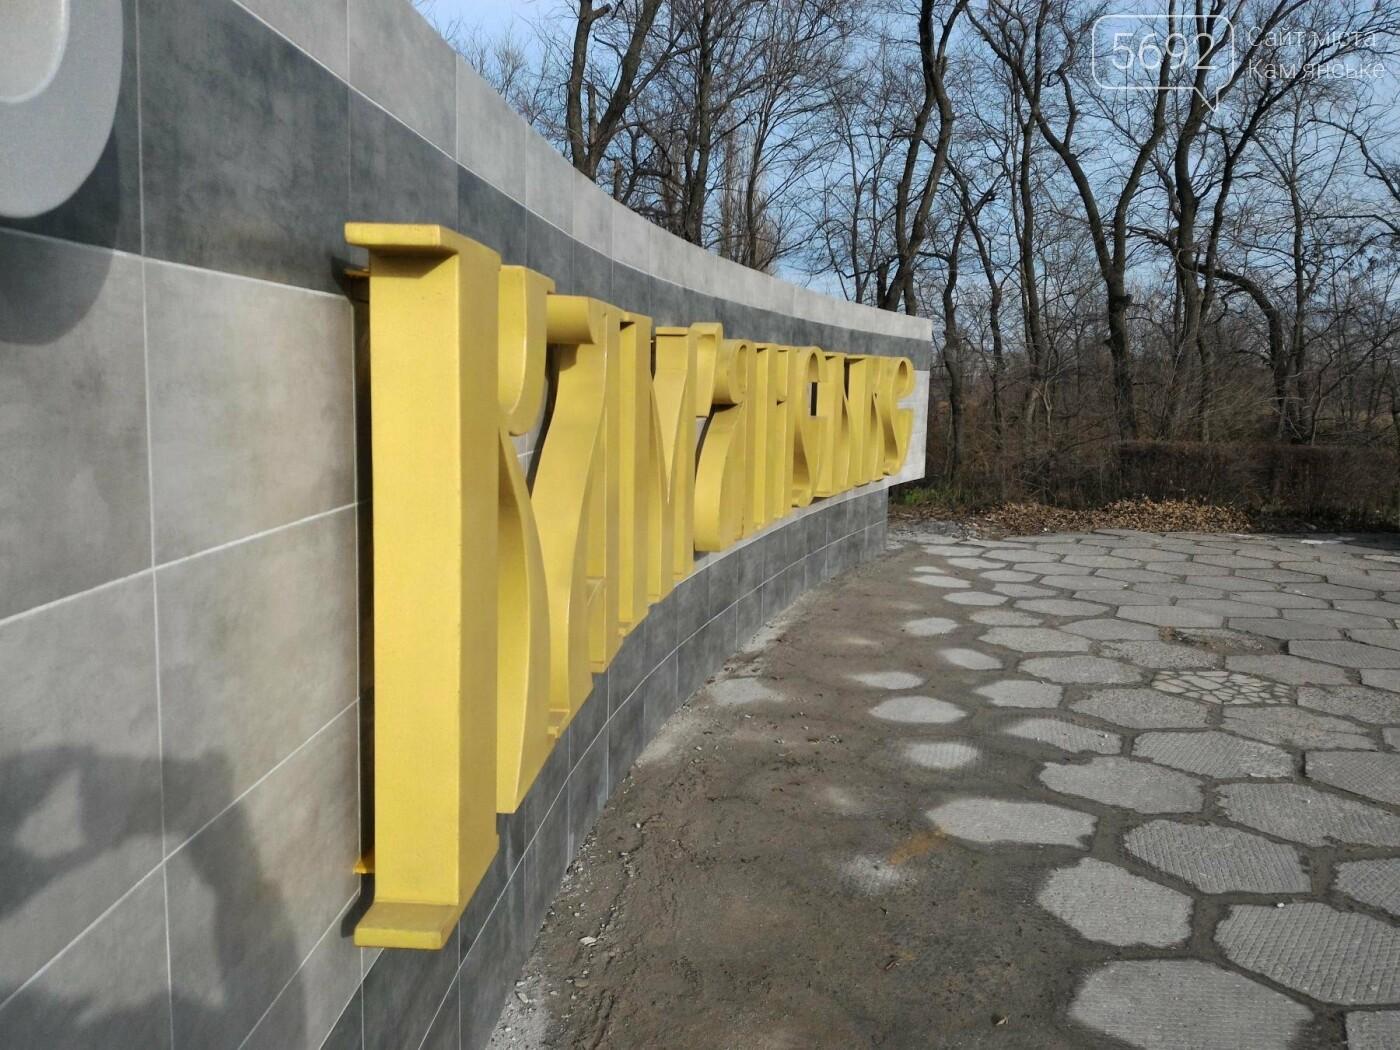 Приветствует Каменское: на въезде в город установили новый знак, фото-3